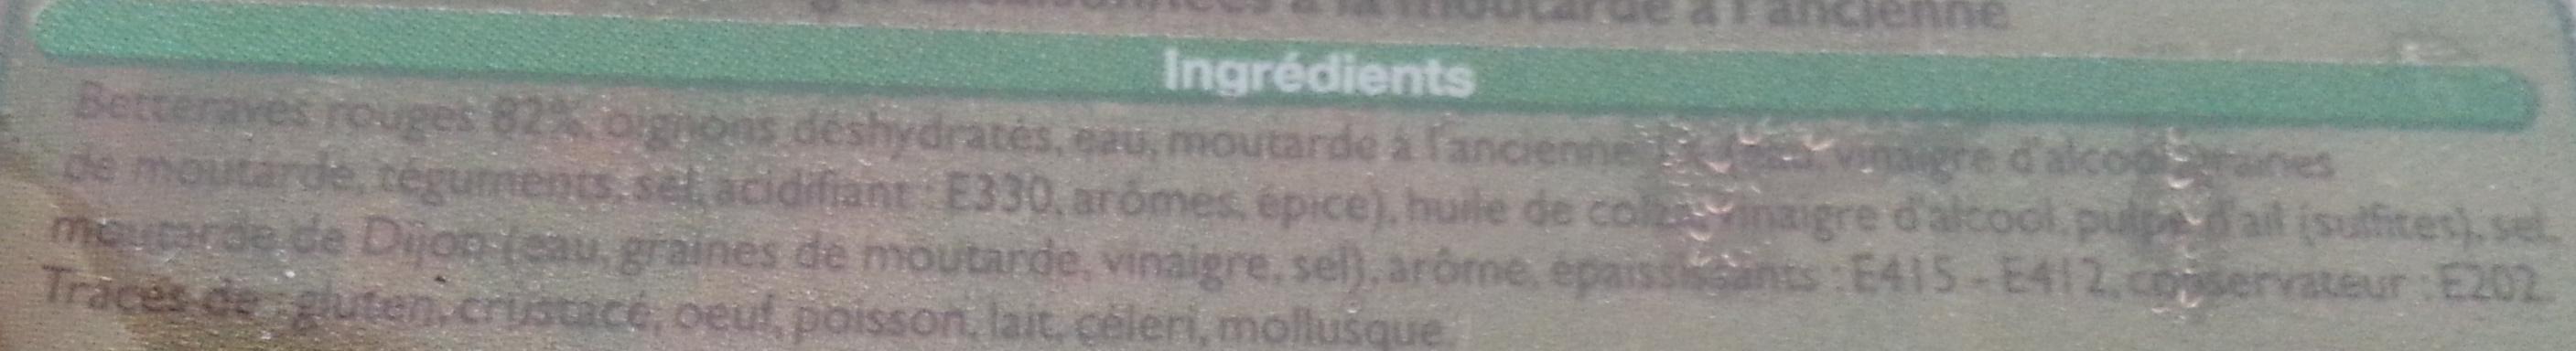 Betteraves rouges à la moutarde à l'ancienne - Ingrediënten